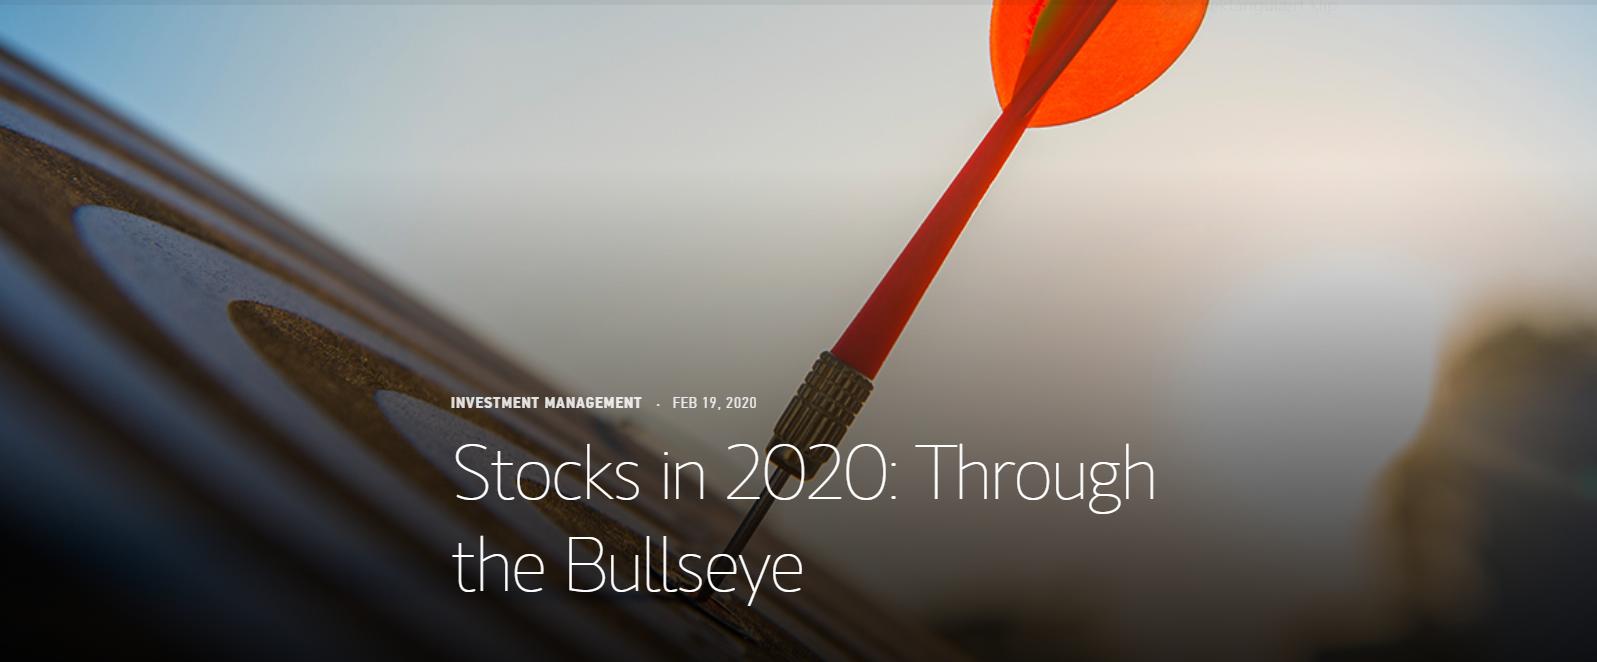 Citi: Markedet bliver volatilt de næste 3 måneder